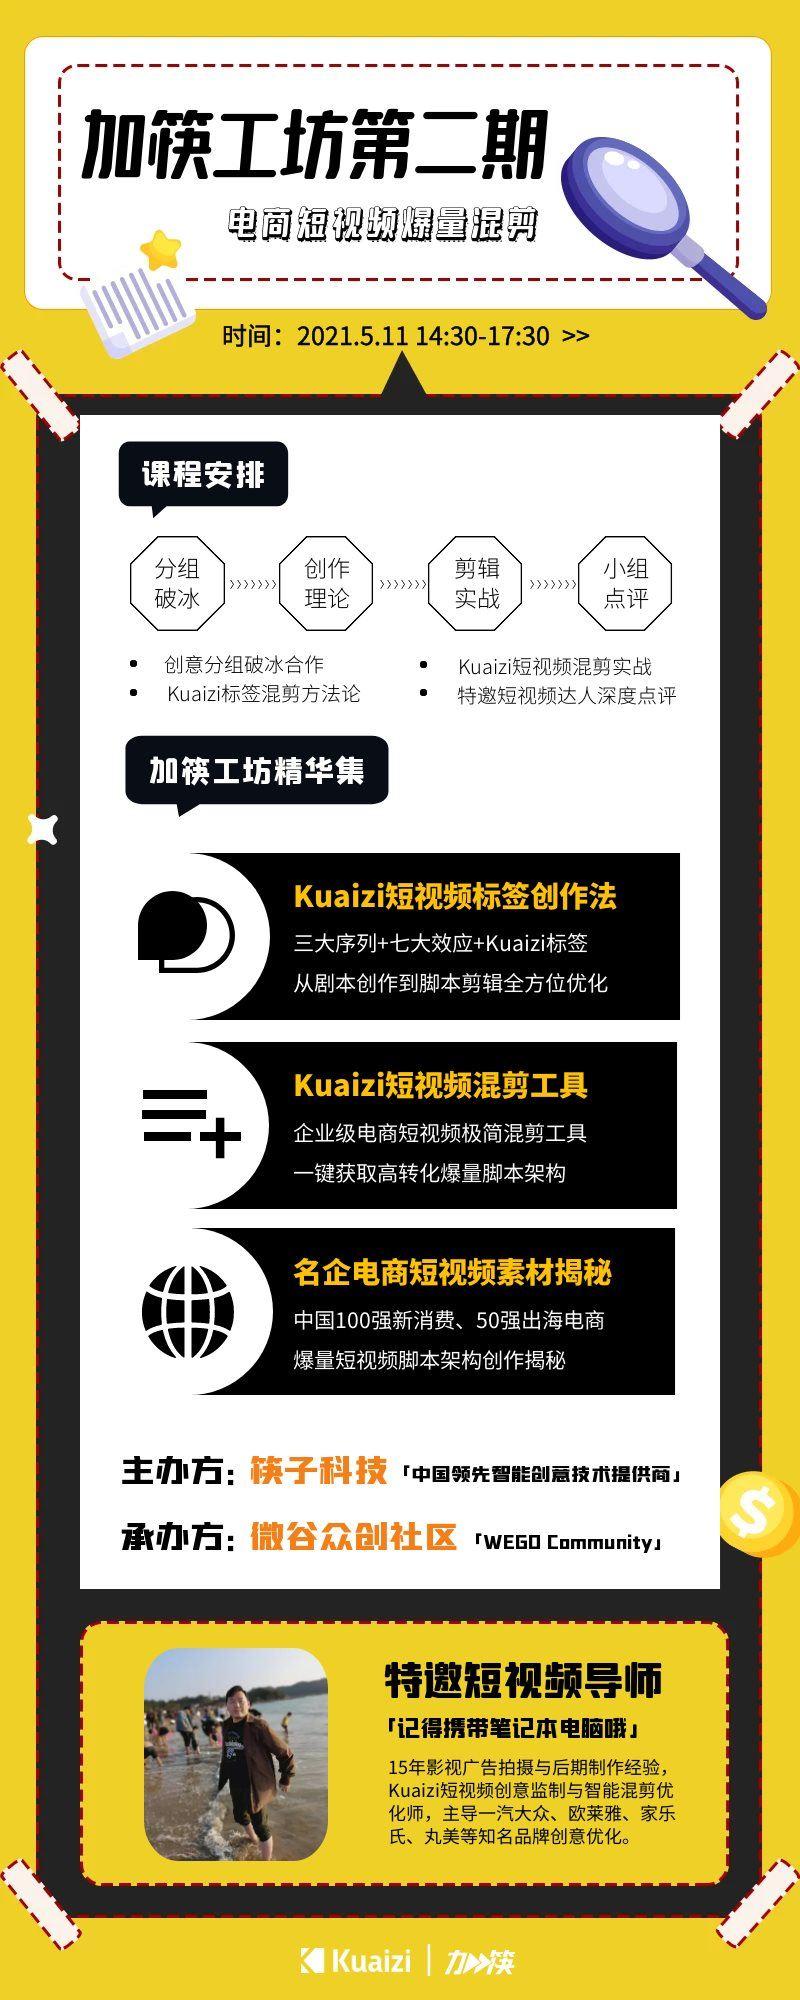 2021.4.23 加筷创意工坊2期-社群海报-无码-人物.png